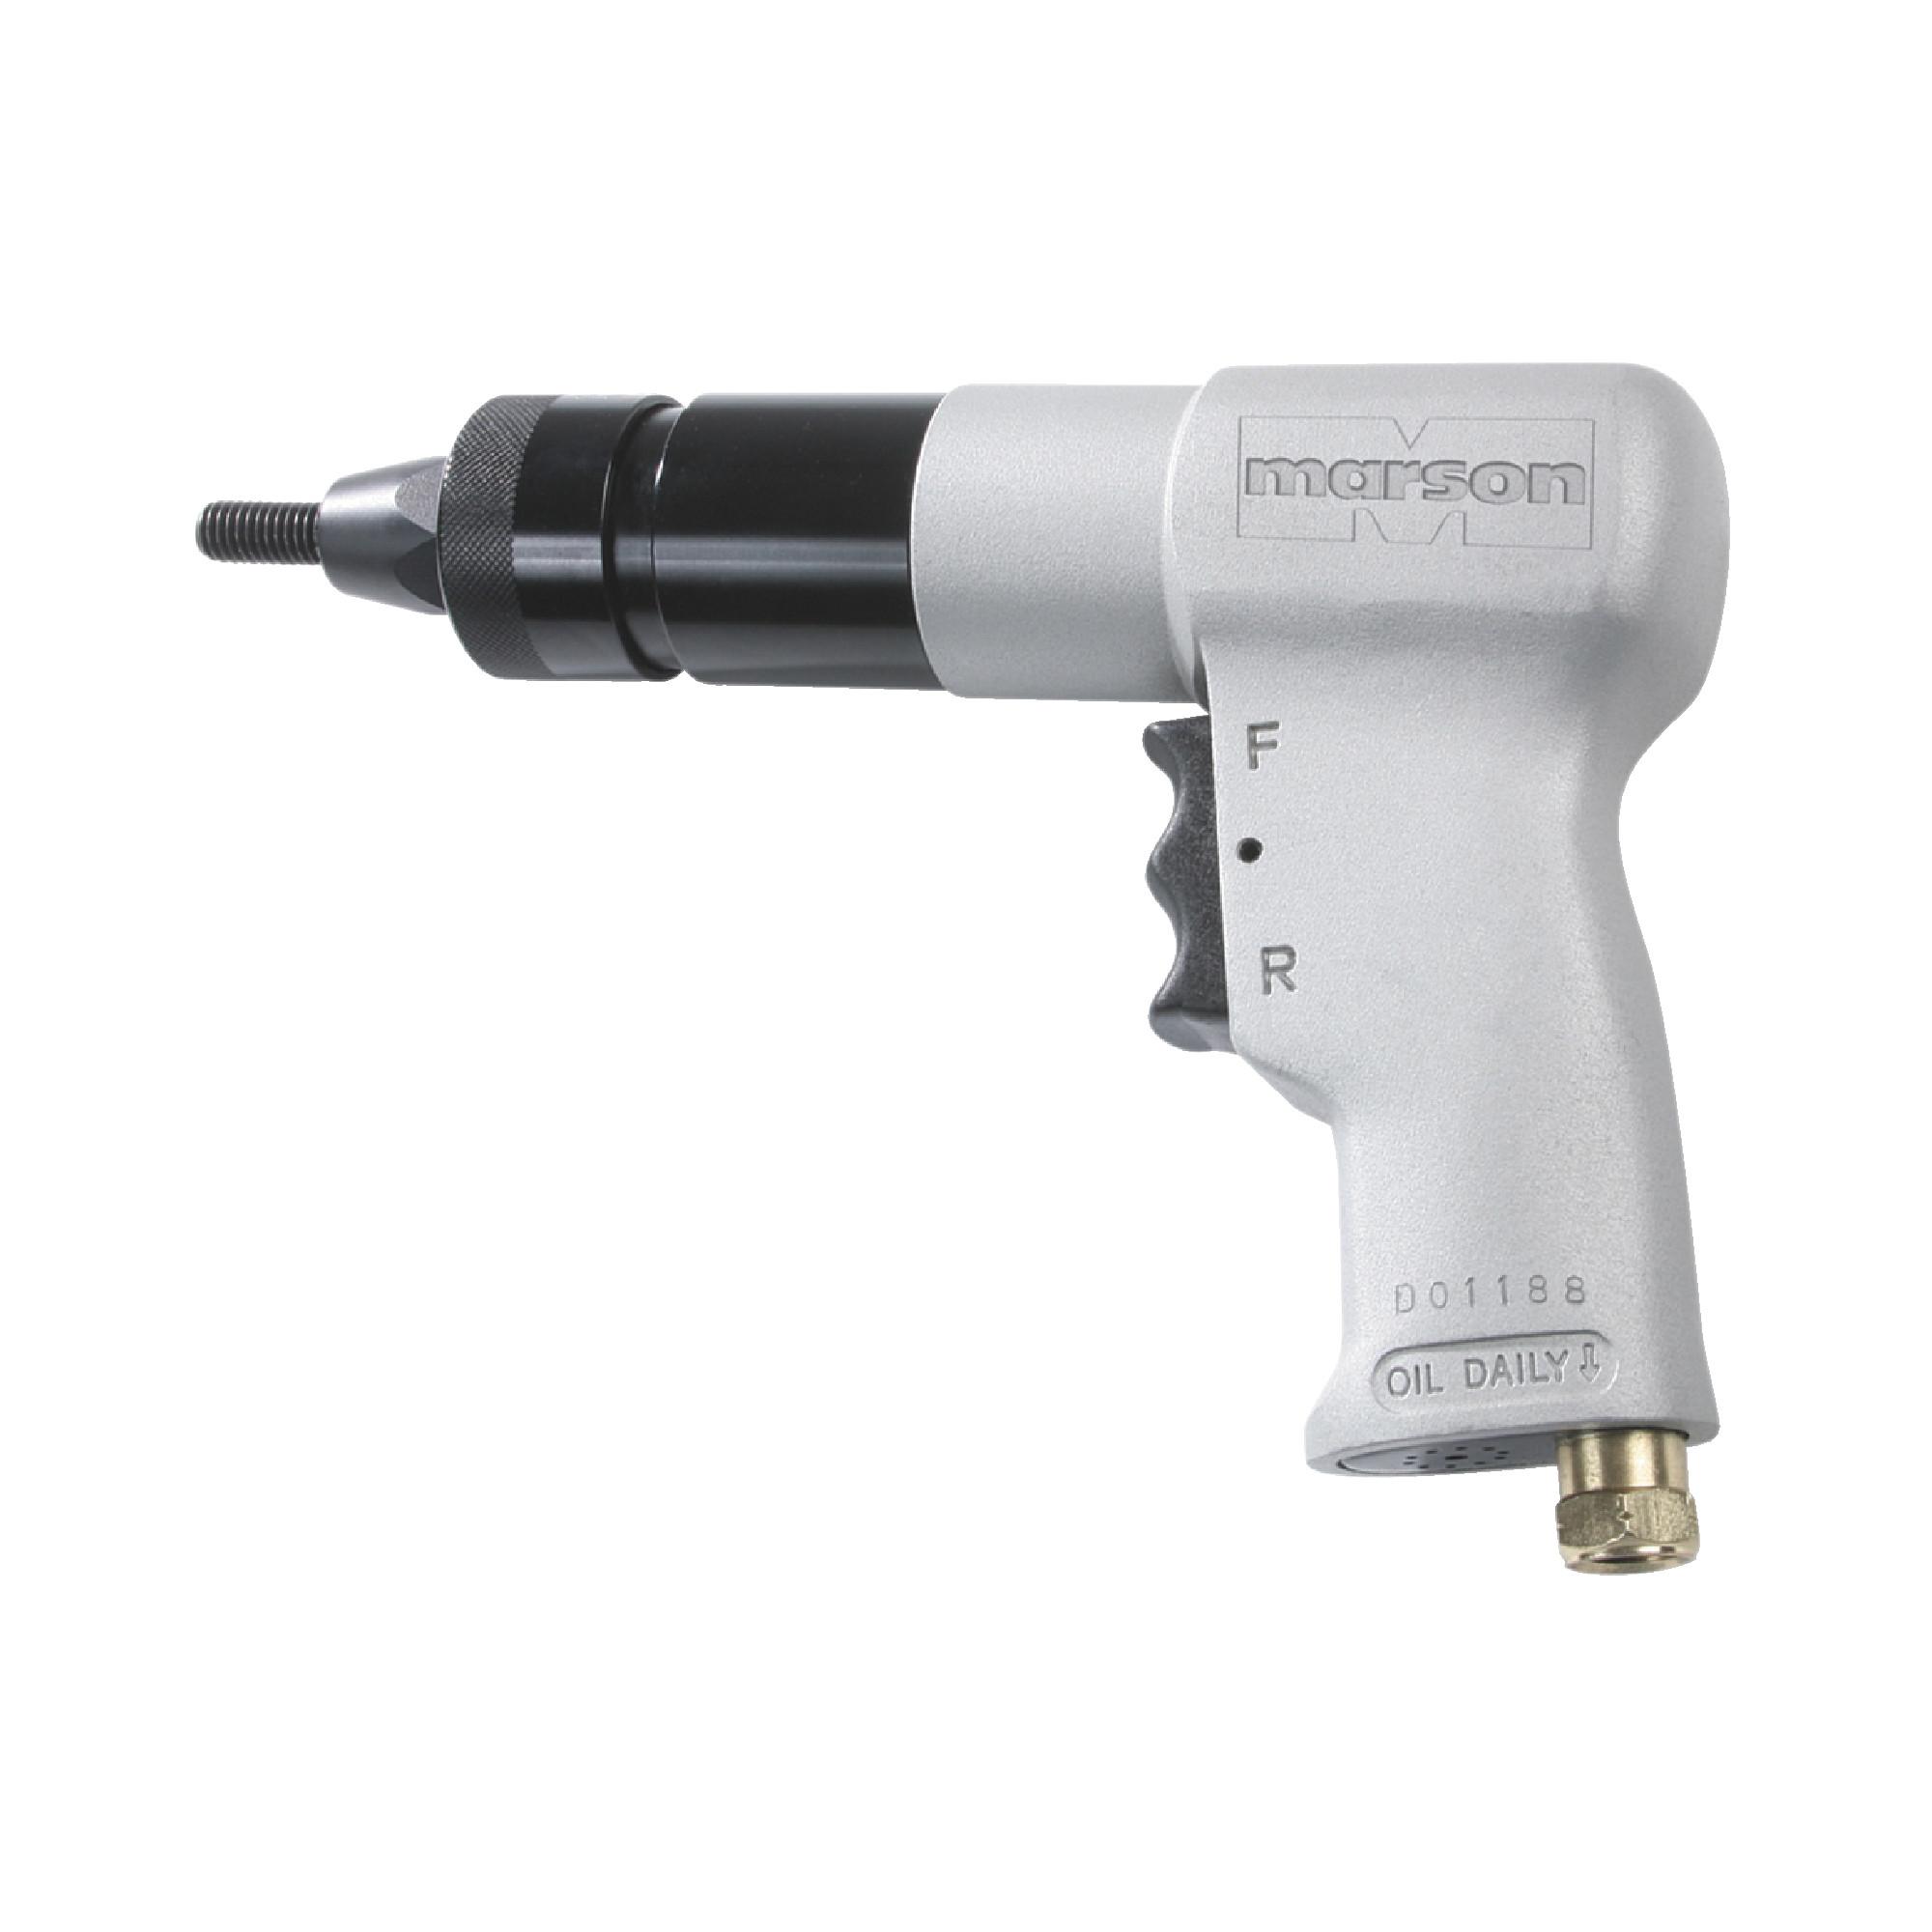 MARSON 39801 SST1 Pneumatic Rivet Nut Tool